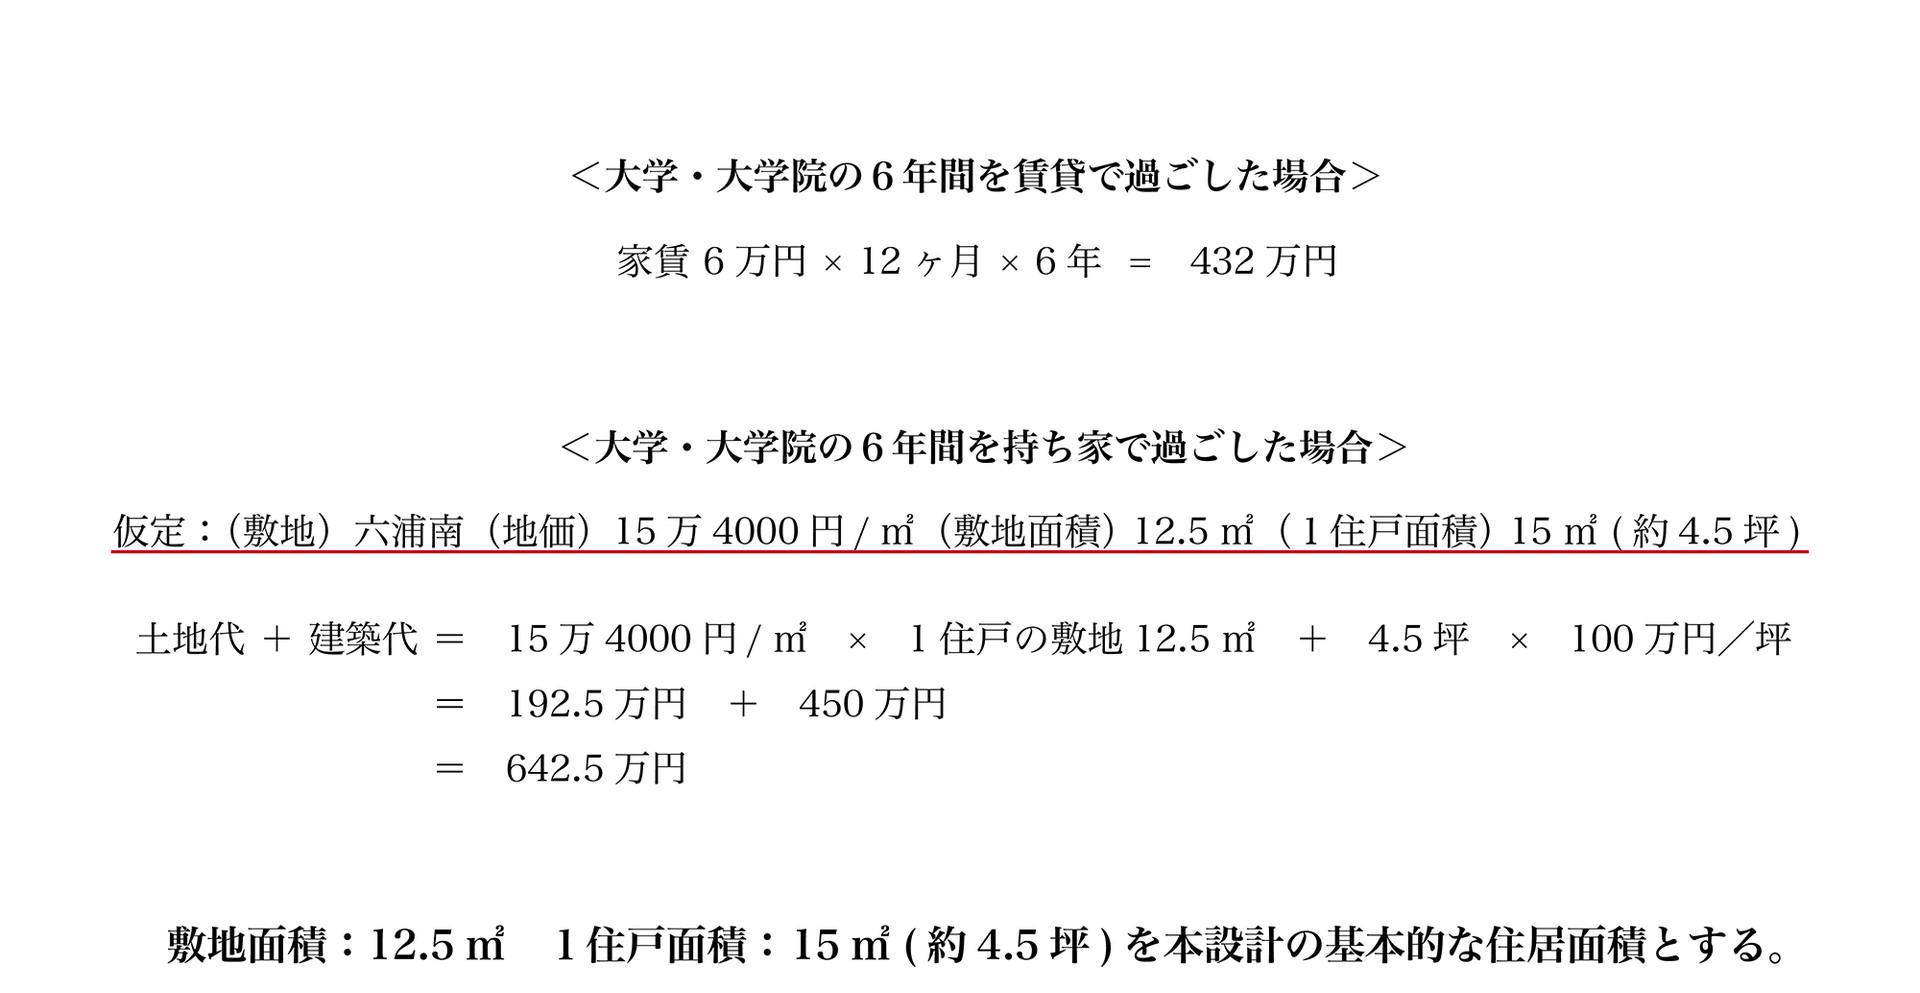 石崎大誠_08.jpg